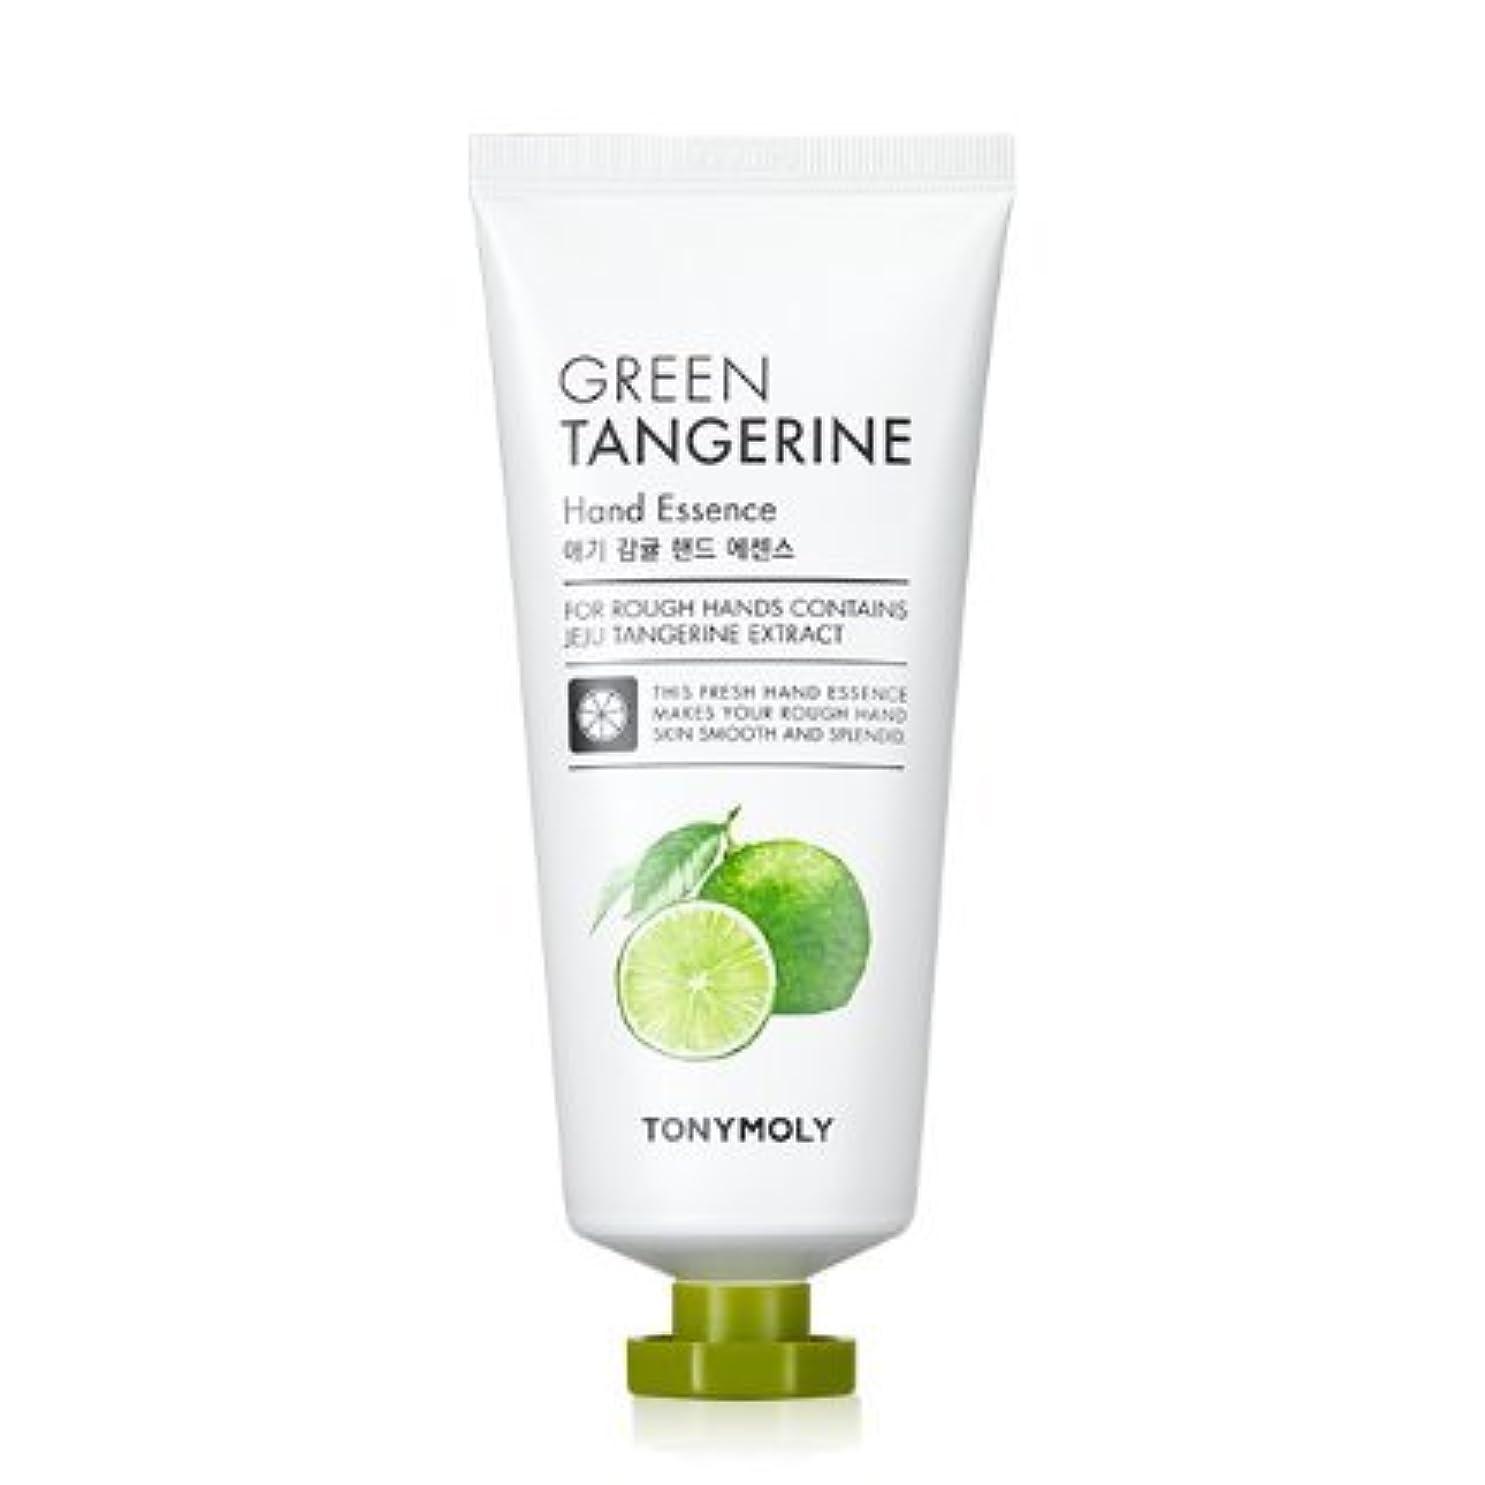 前投薬ごめんなさいに賛成[Renewal] TONYMOLY Green Tangerine Hand Essence/トニーモリー 青みかん ハンド エッセンス 80g [並行輸入品]